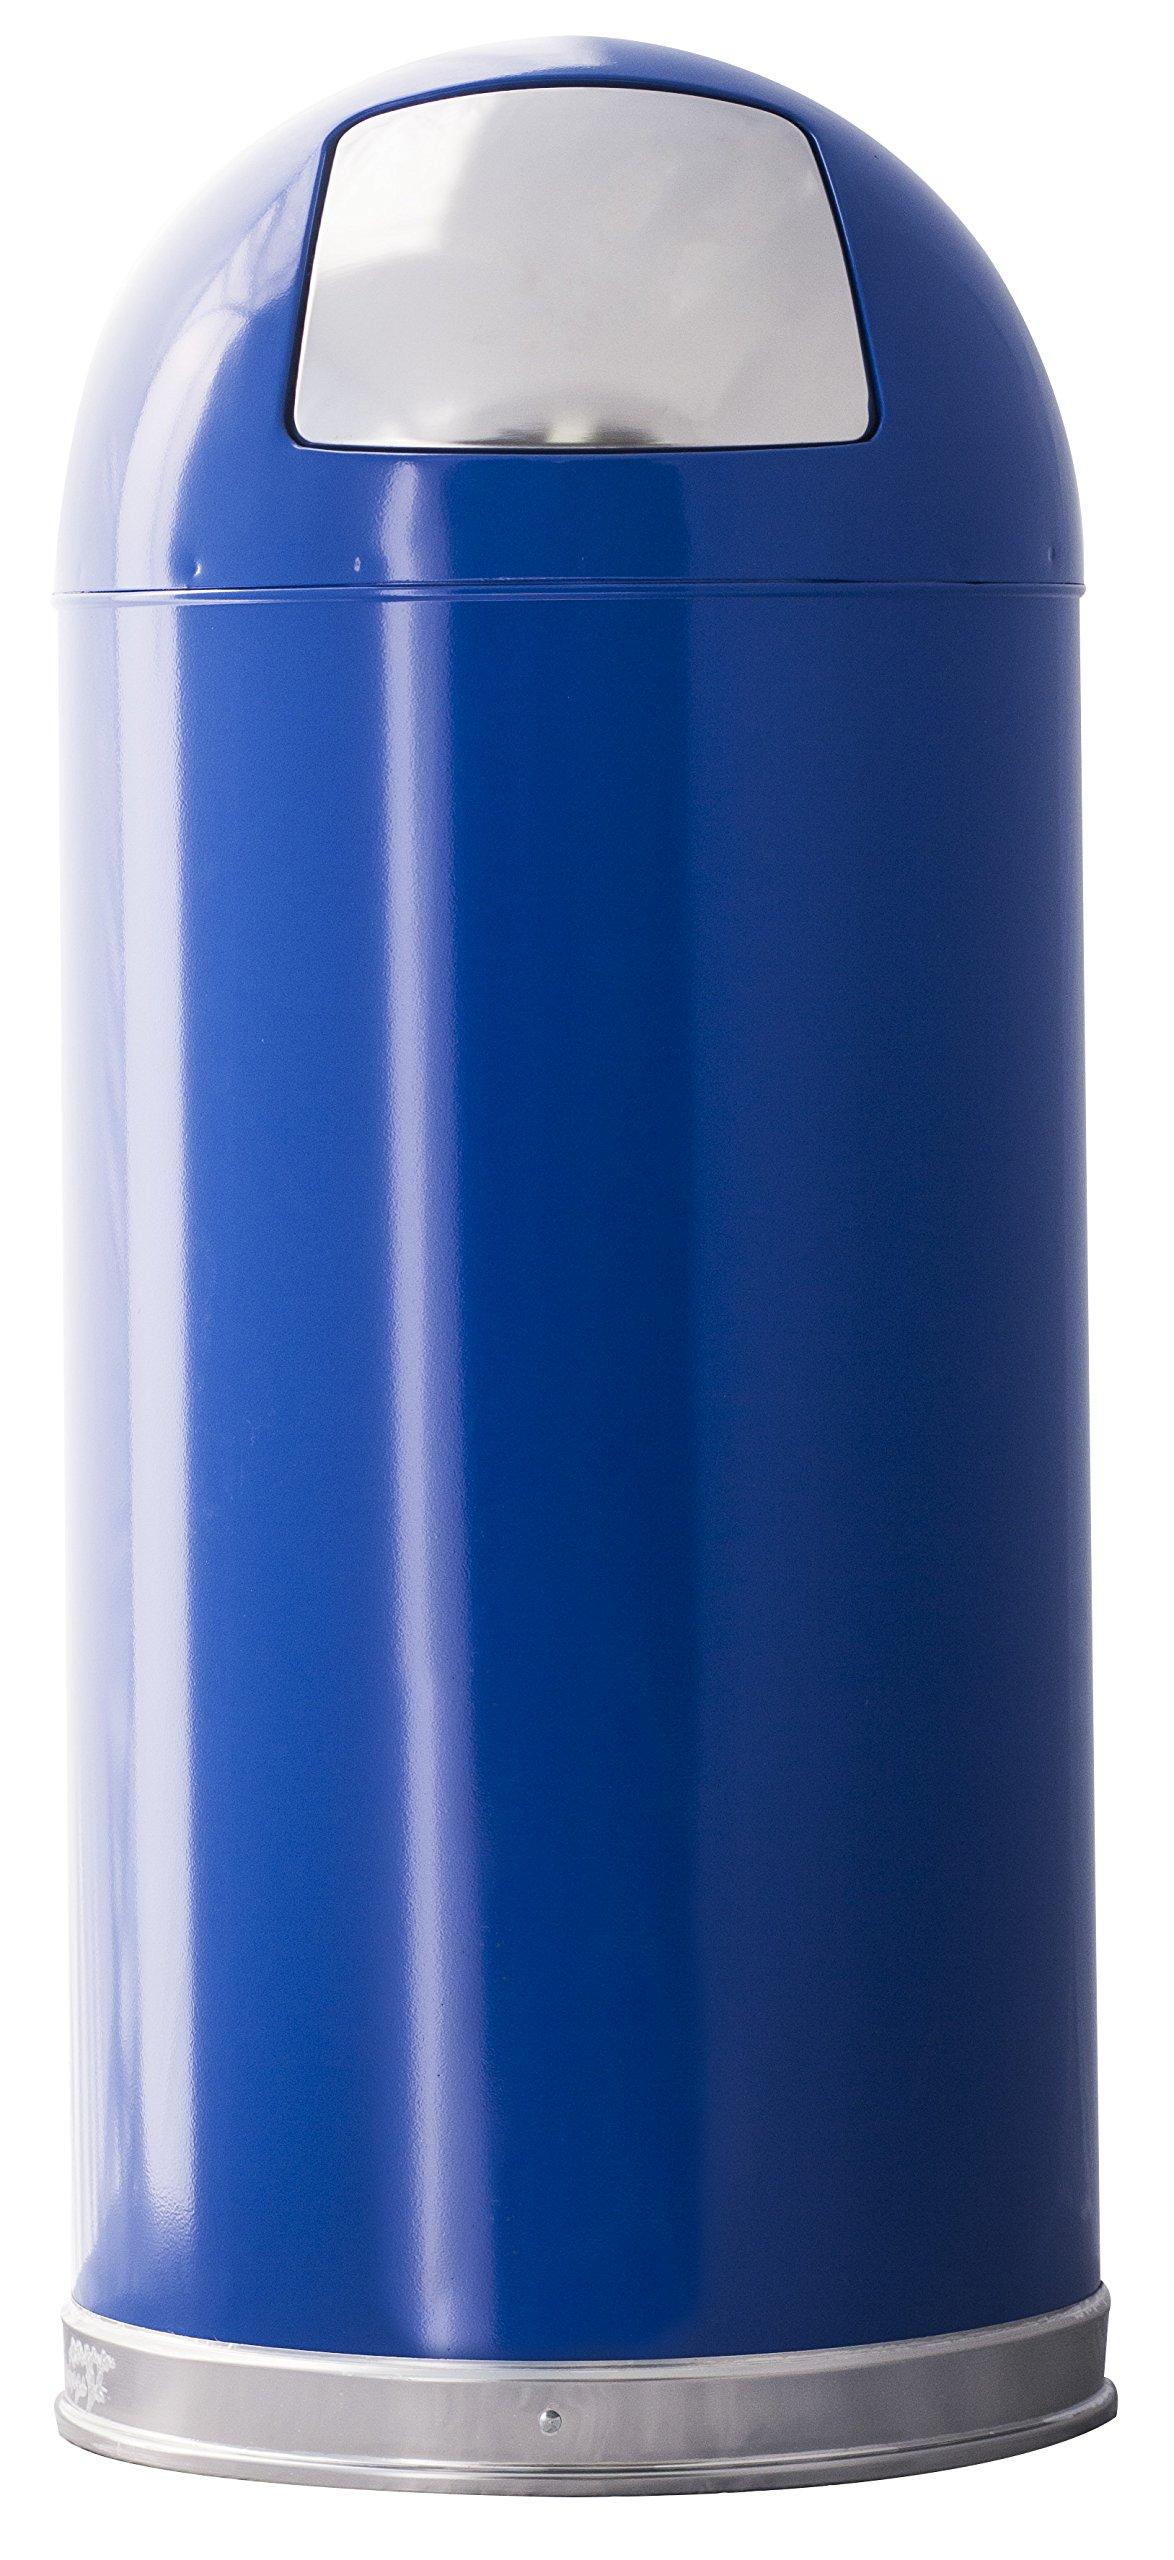 Witt Industries 15DTBL Push Top Standard Receptacle, Steel, 15 gal, Blue